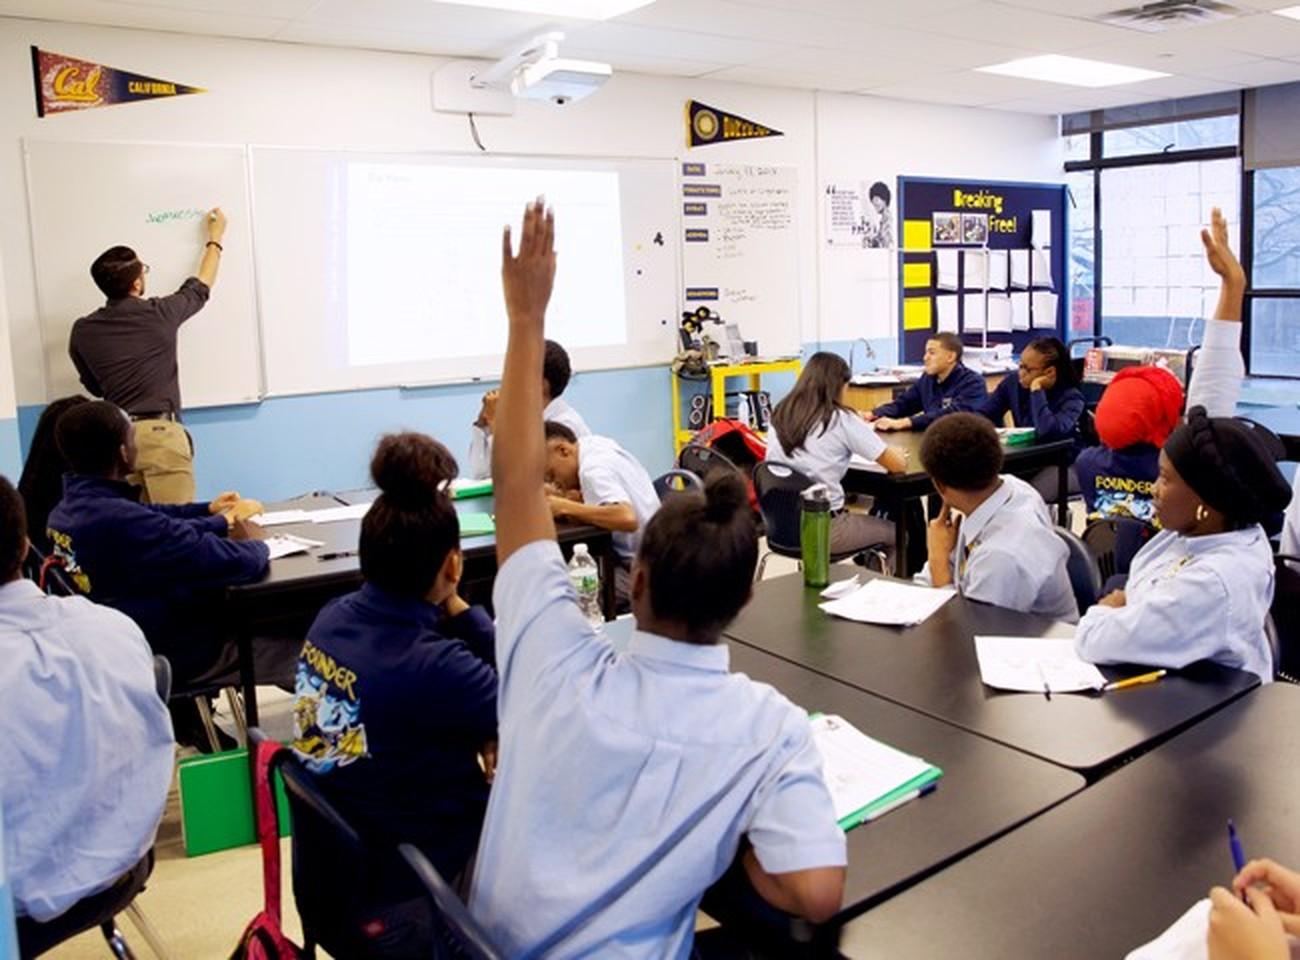 Democracy Prep Public Schools Careers